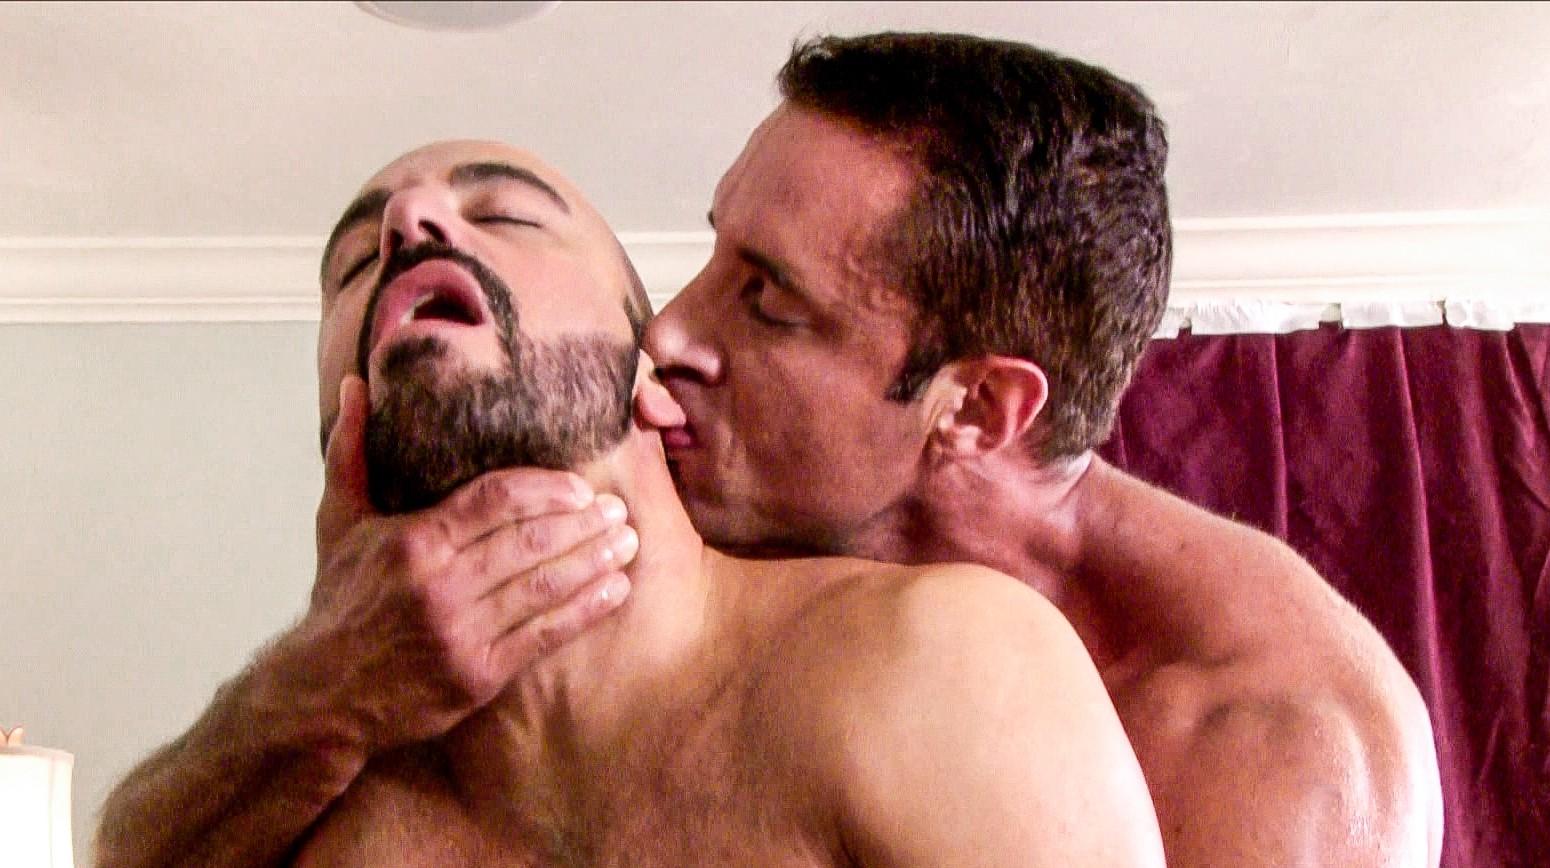 Nick Capra and Adam Russo 4